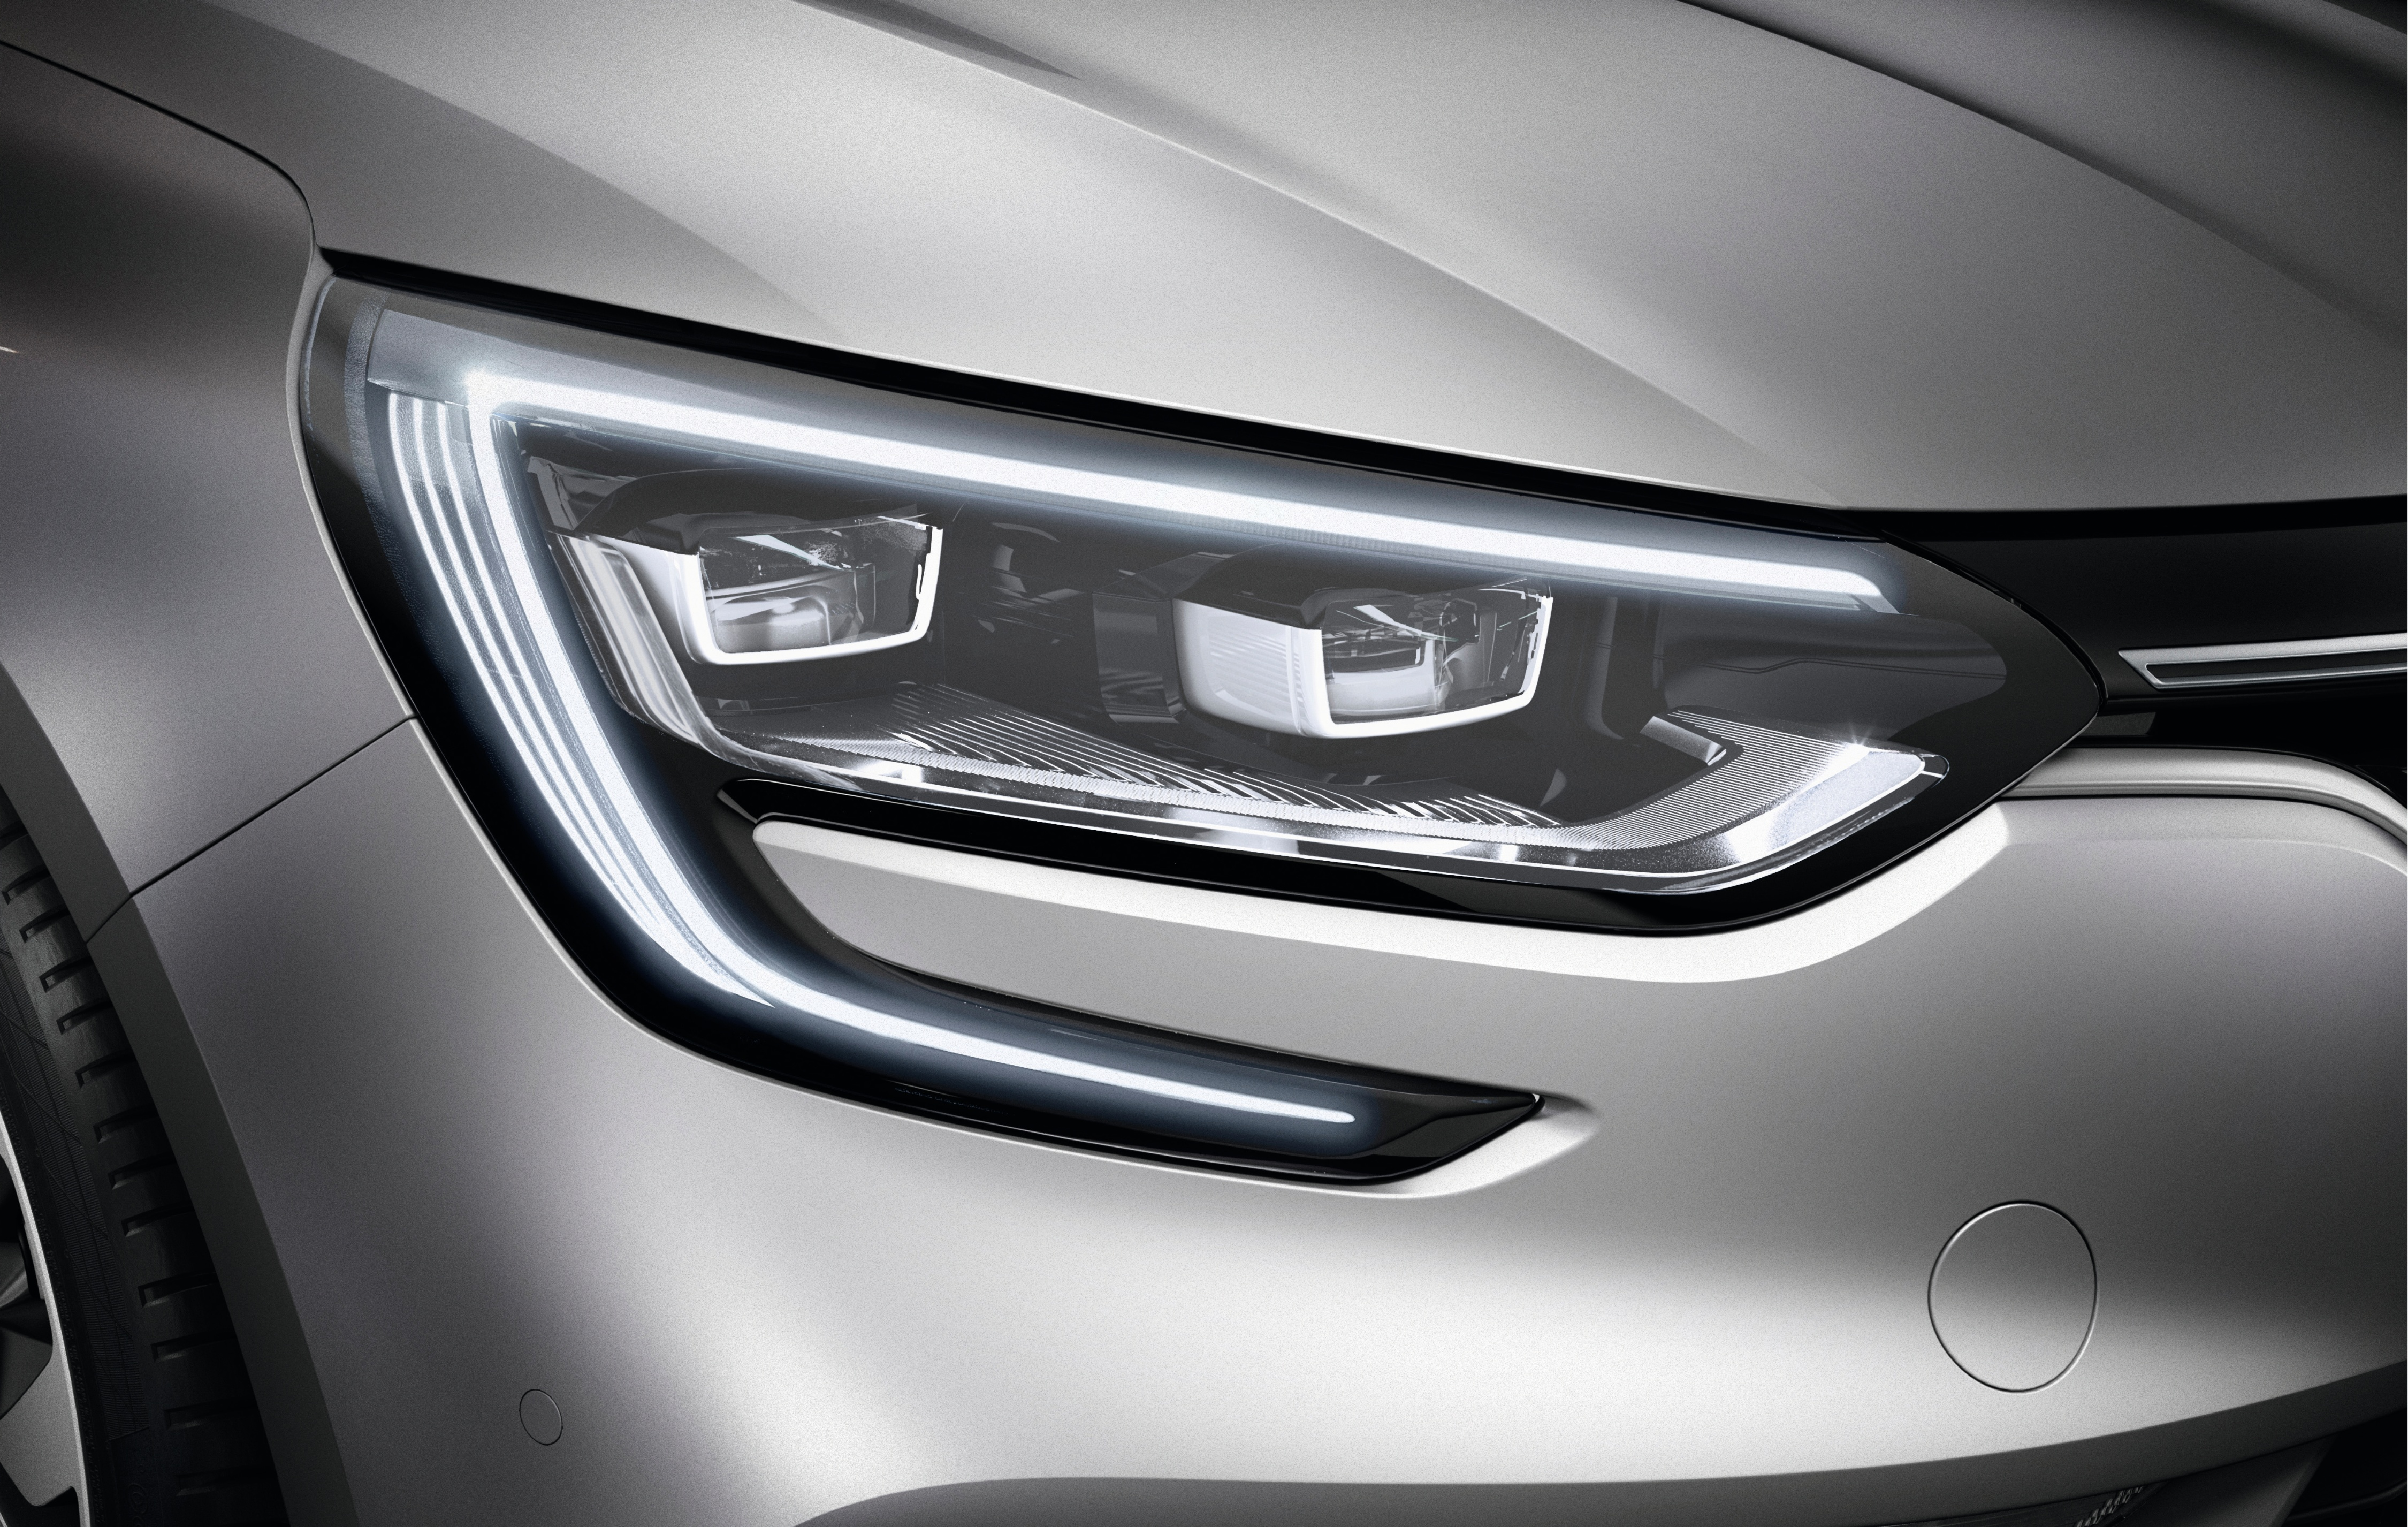 światła do jazdy dziennej LED (6 LED)